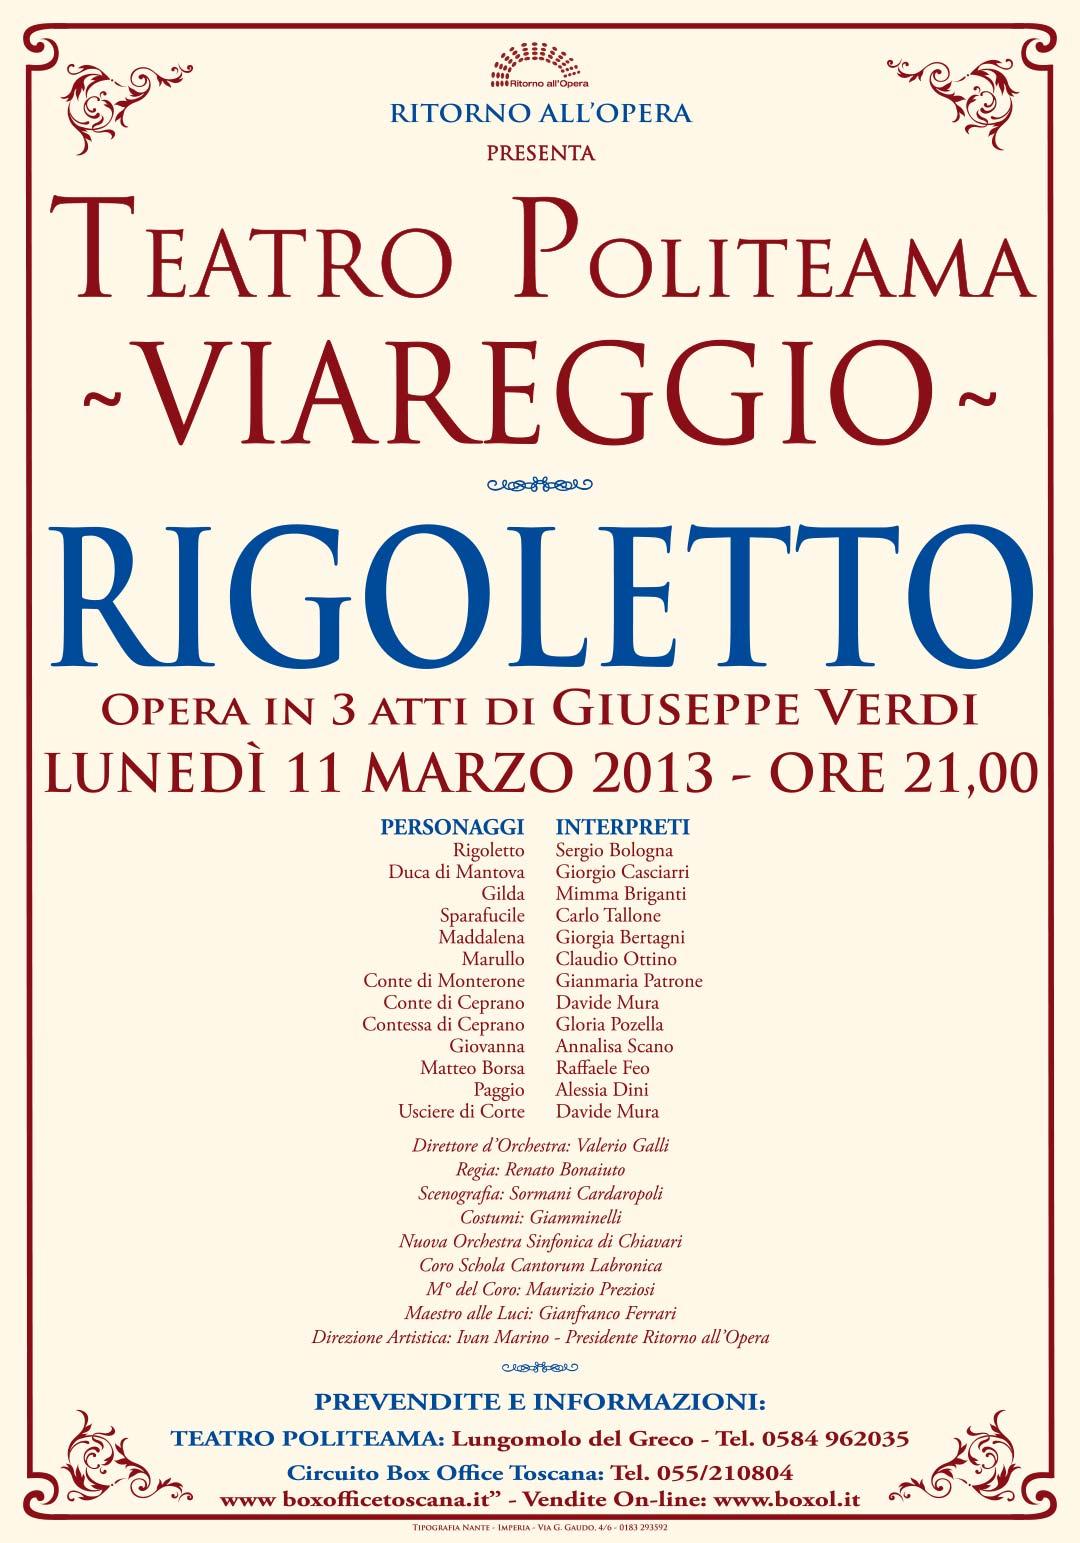 Rigoletto_viareggio